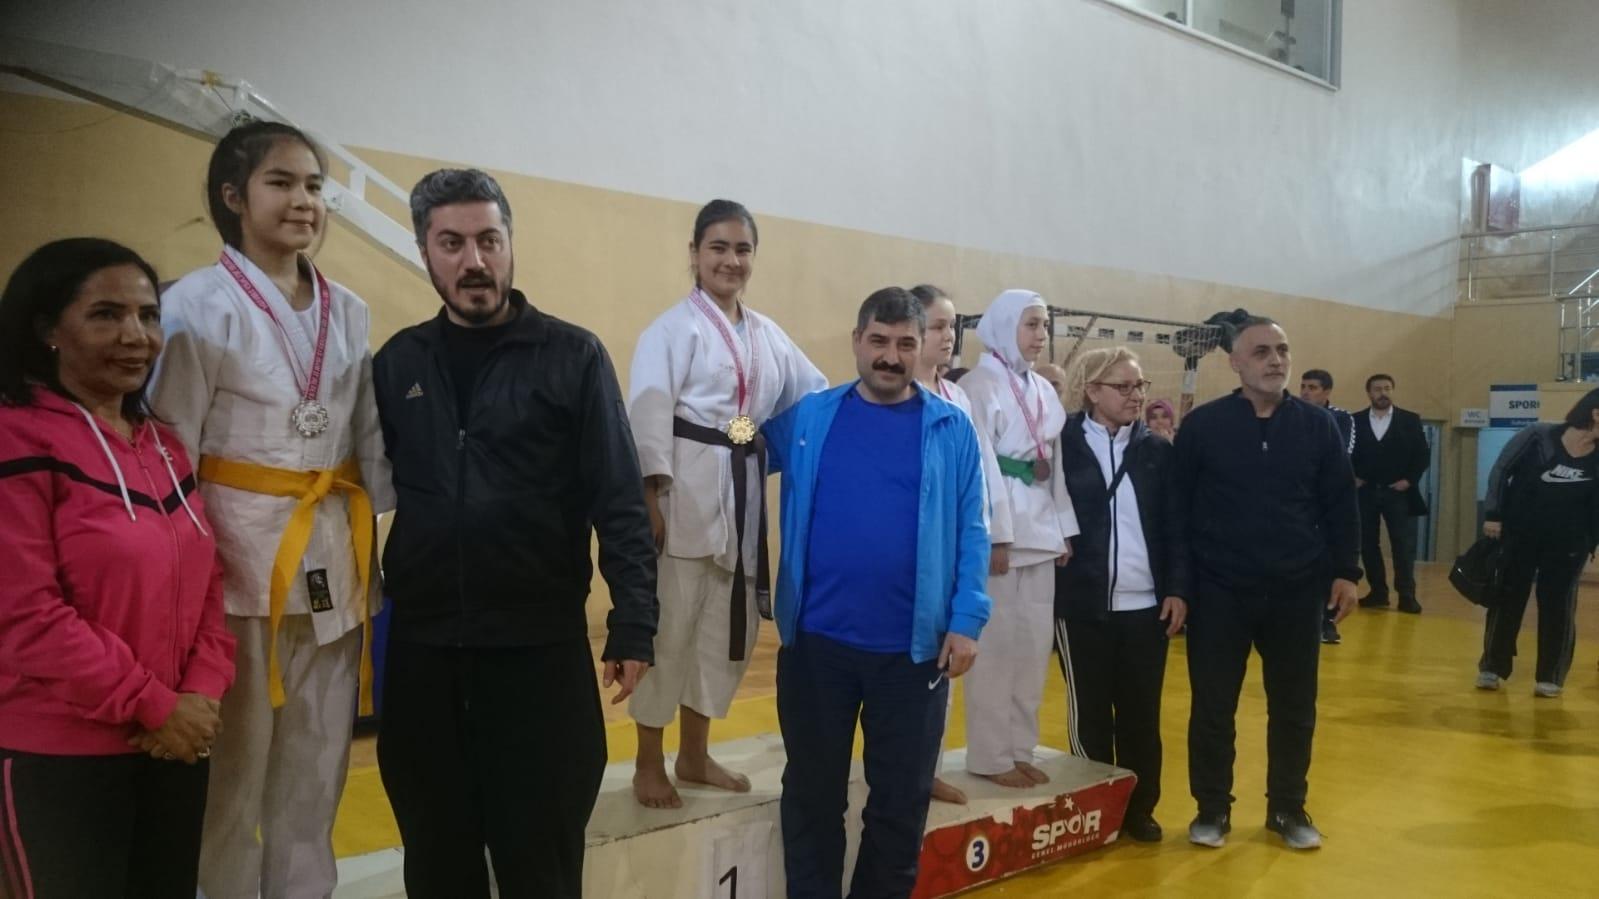 Judo Okullar arası Küçükler il seçmesinde sporcularımız  - HABERLER - MAVİ HALİÇ Gençlik ve Spor Kulübü Derneği | Mavi Haliç